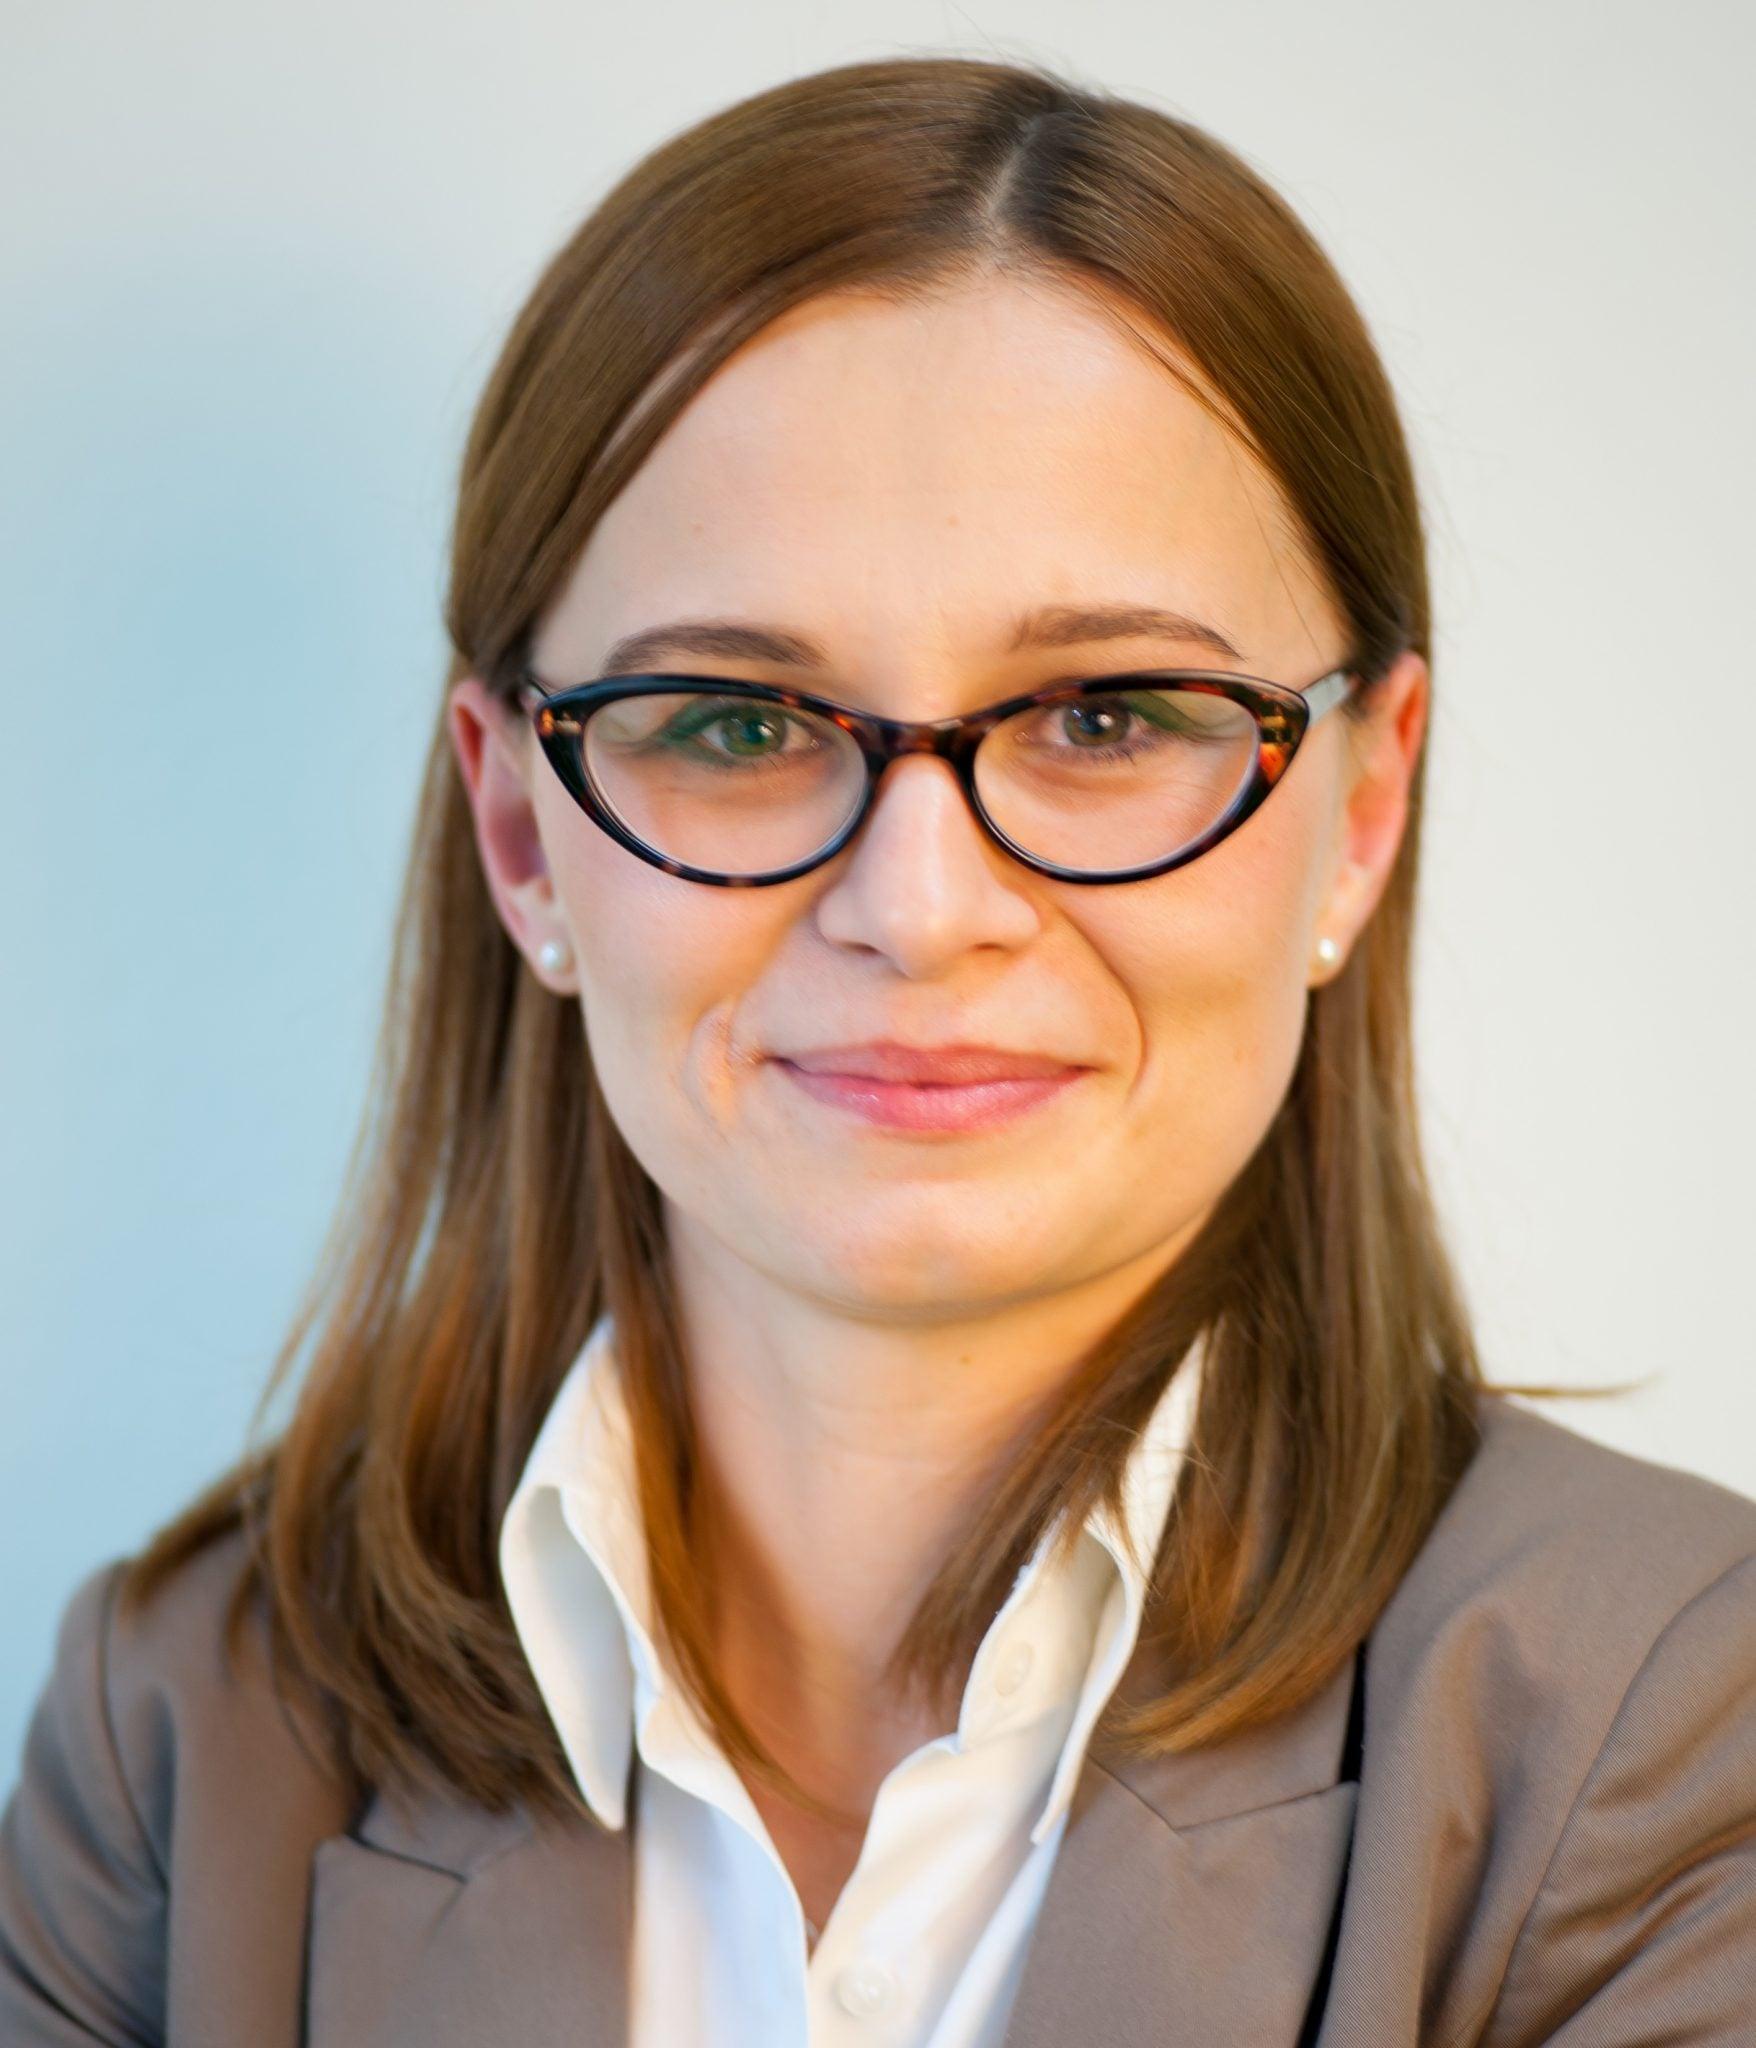 Agnieszka Łukasz